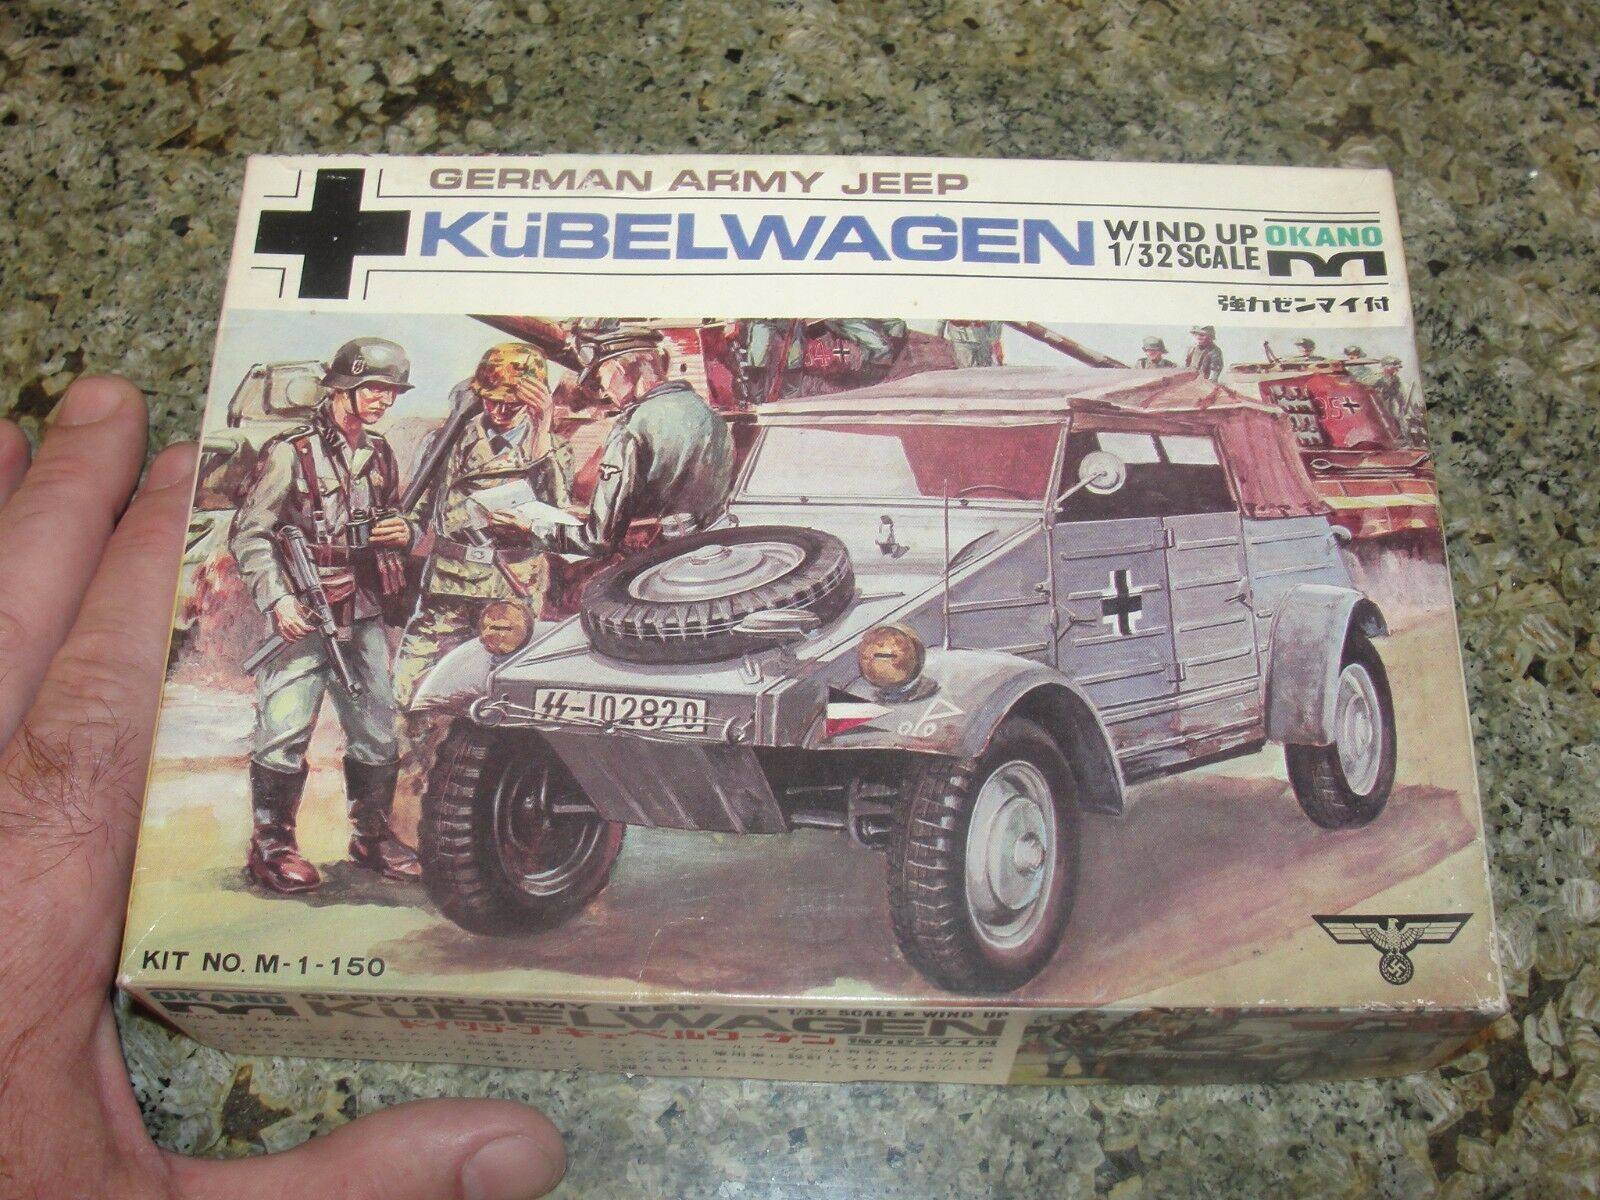 Raro Kubelwagen Ejército Alemán Jeep Modelo 1 32 Japón Hiroshi Escala De Juguete Con Caja Segunda Guerra Mundial